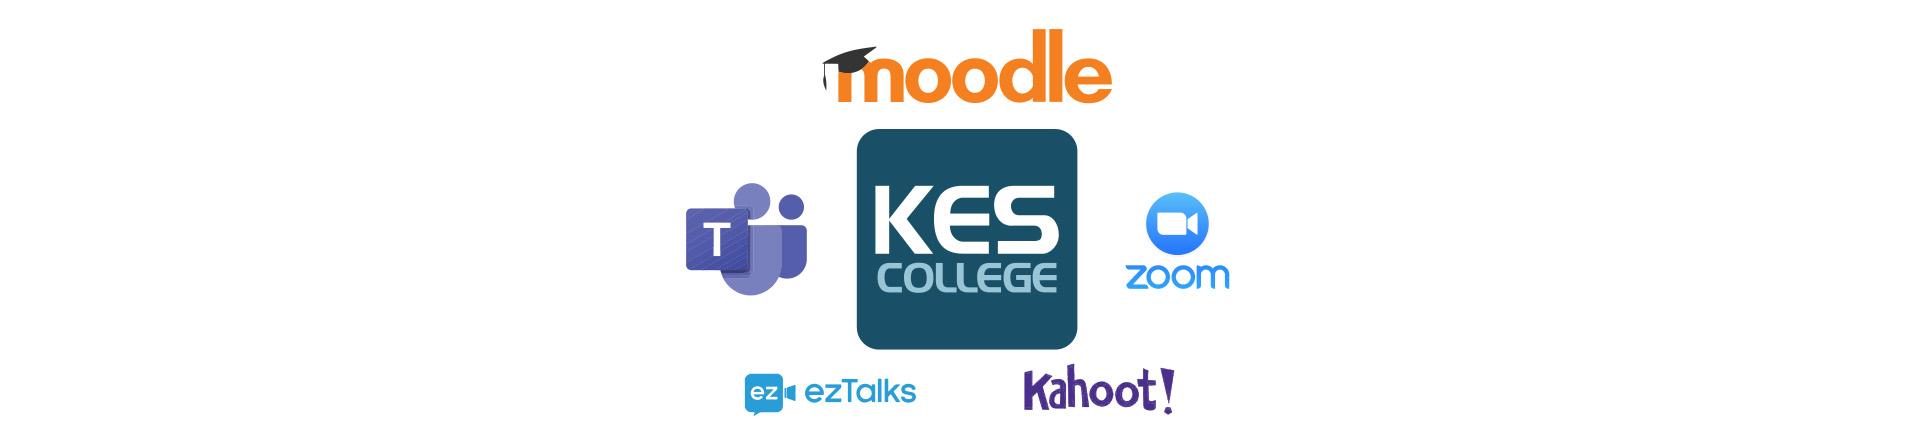 Εκπαίδευση καθηγητών του KES College στην Ηλεκτρονική και Μεικτή μάθηση